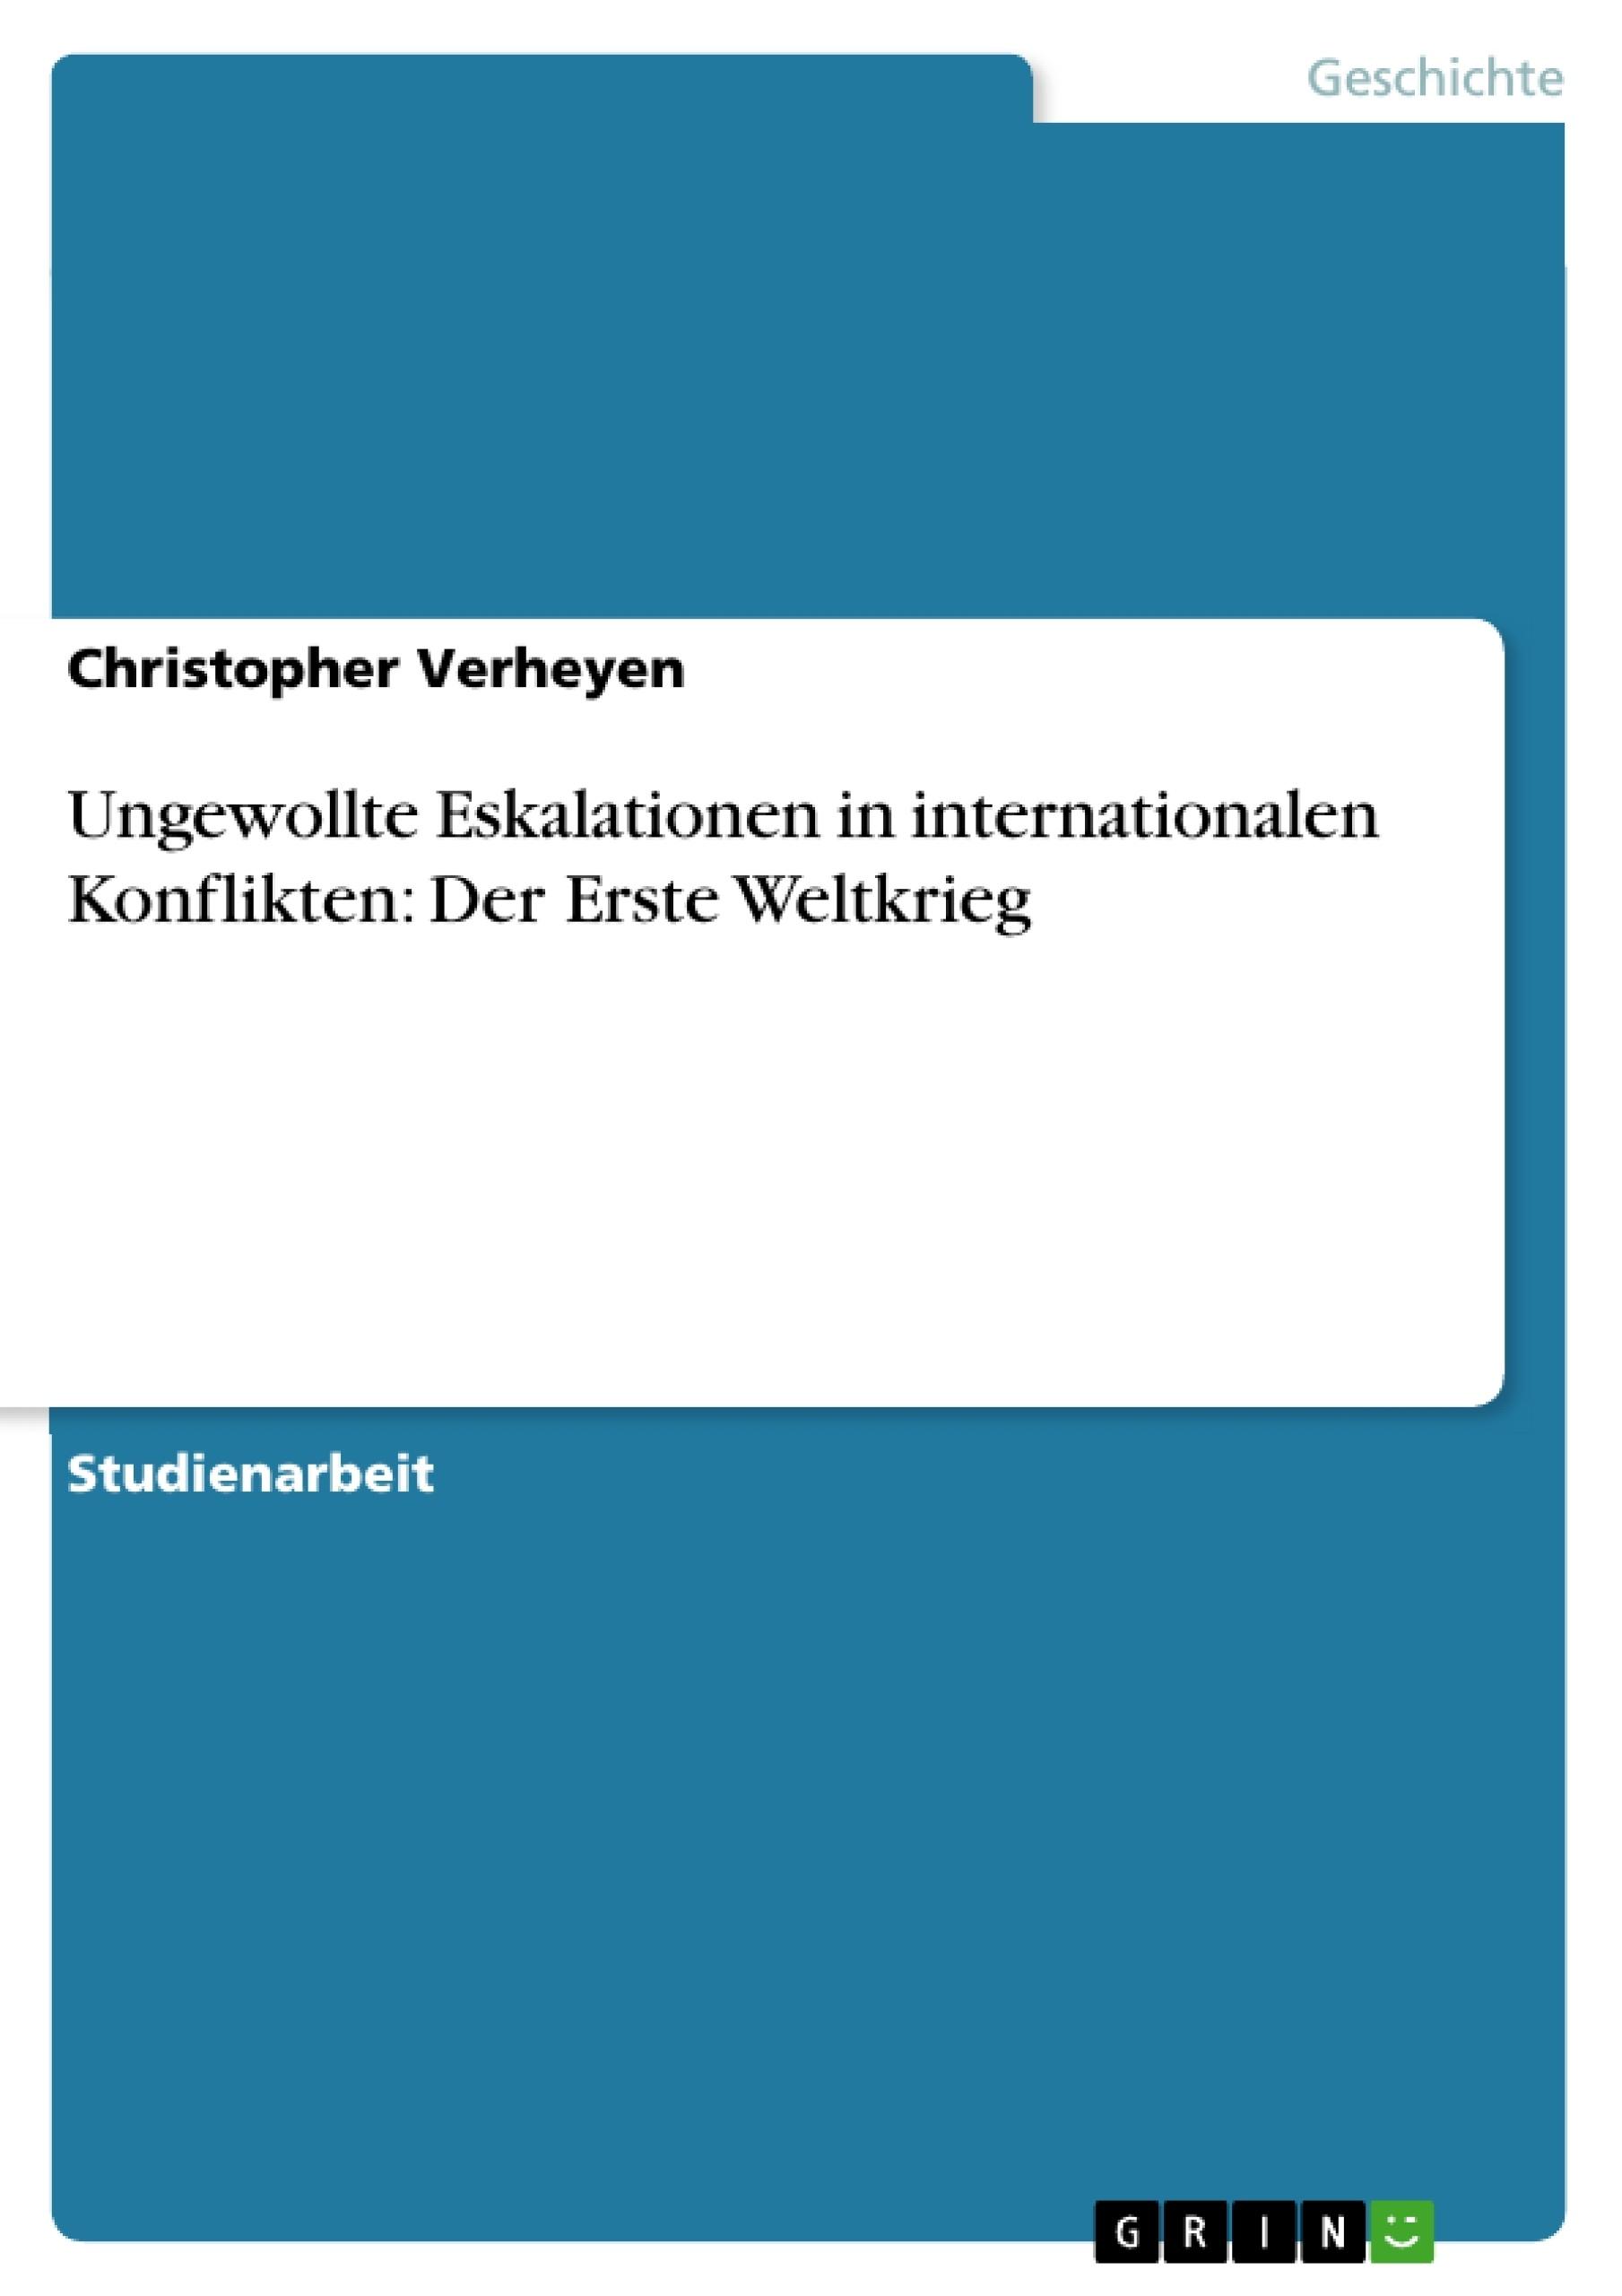 Titel: Ungewollte Eskalationen in internationalen Konflikten: Der Erste Weltkrieg